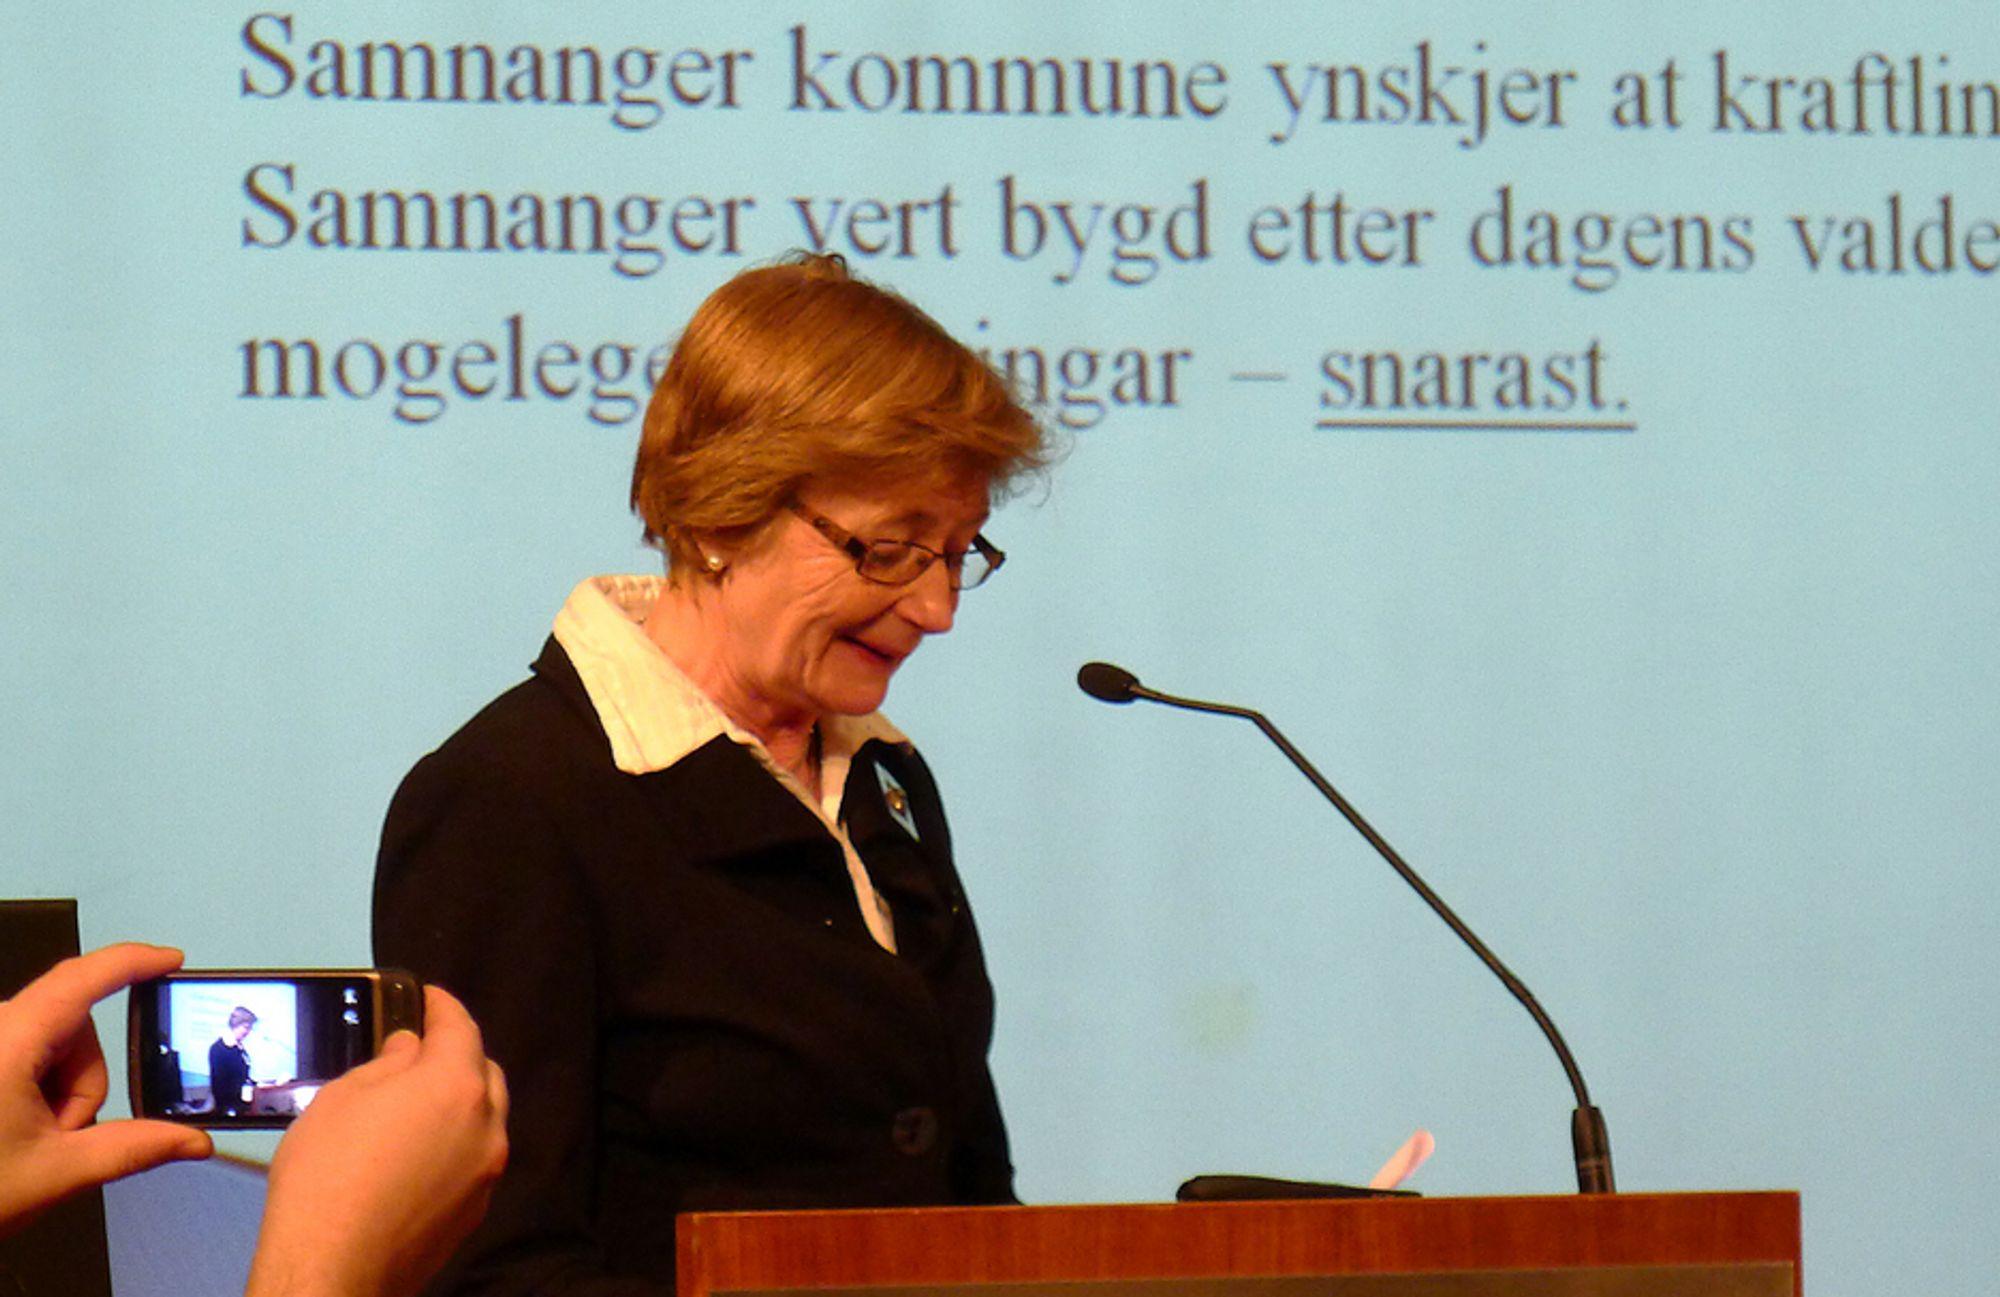 STOLT: - Jeg er stolt over å være vertinne i en kraftkommune. Ny linjekapasitet gir nye muligheter, sier Samnanger-ordfører Marit A. Aase.